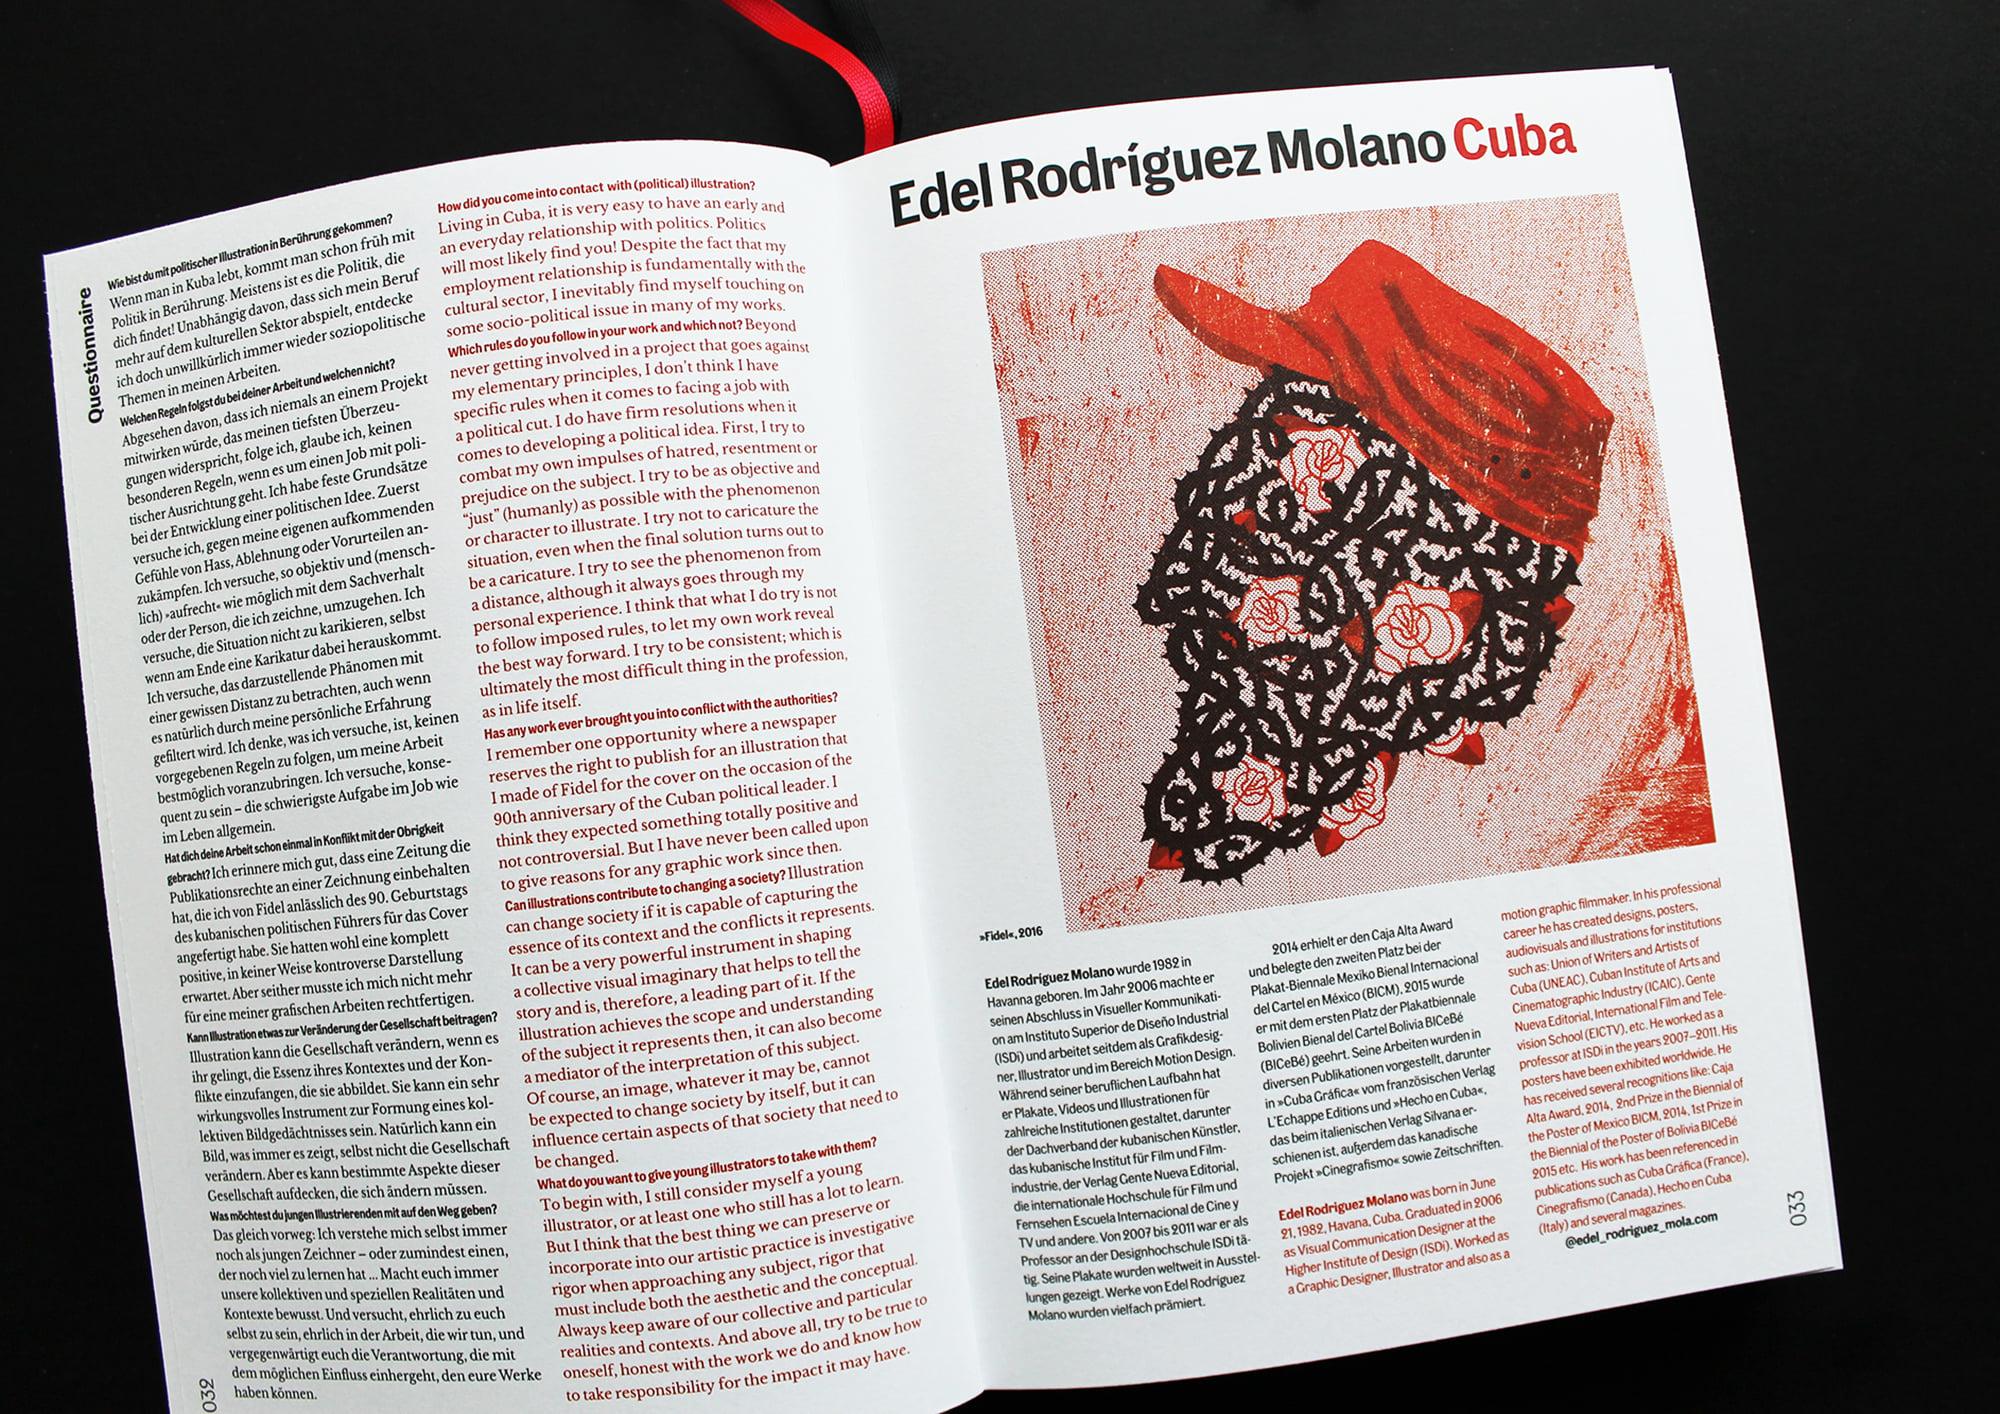 Edel Rodríguez Molano (Mola). Freistil. Das Buch der Illustration.